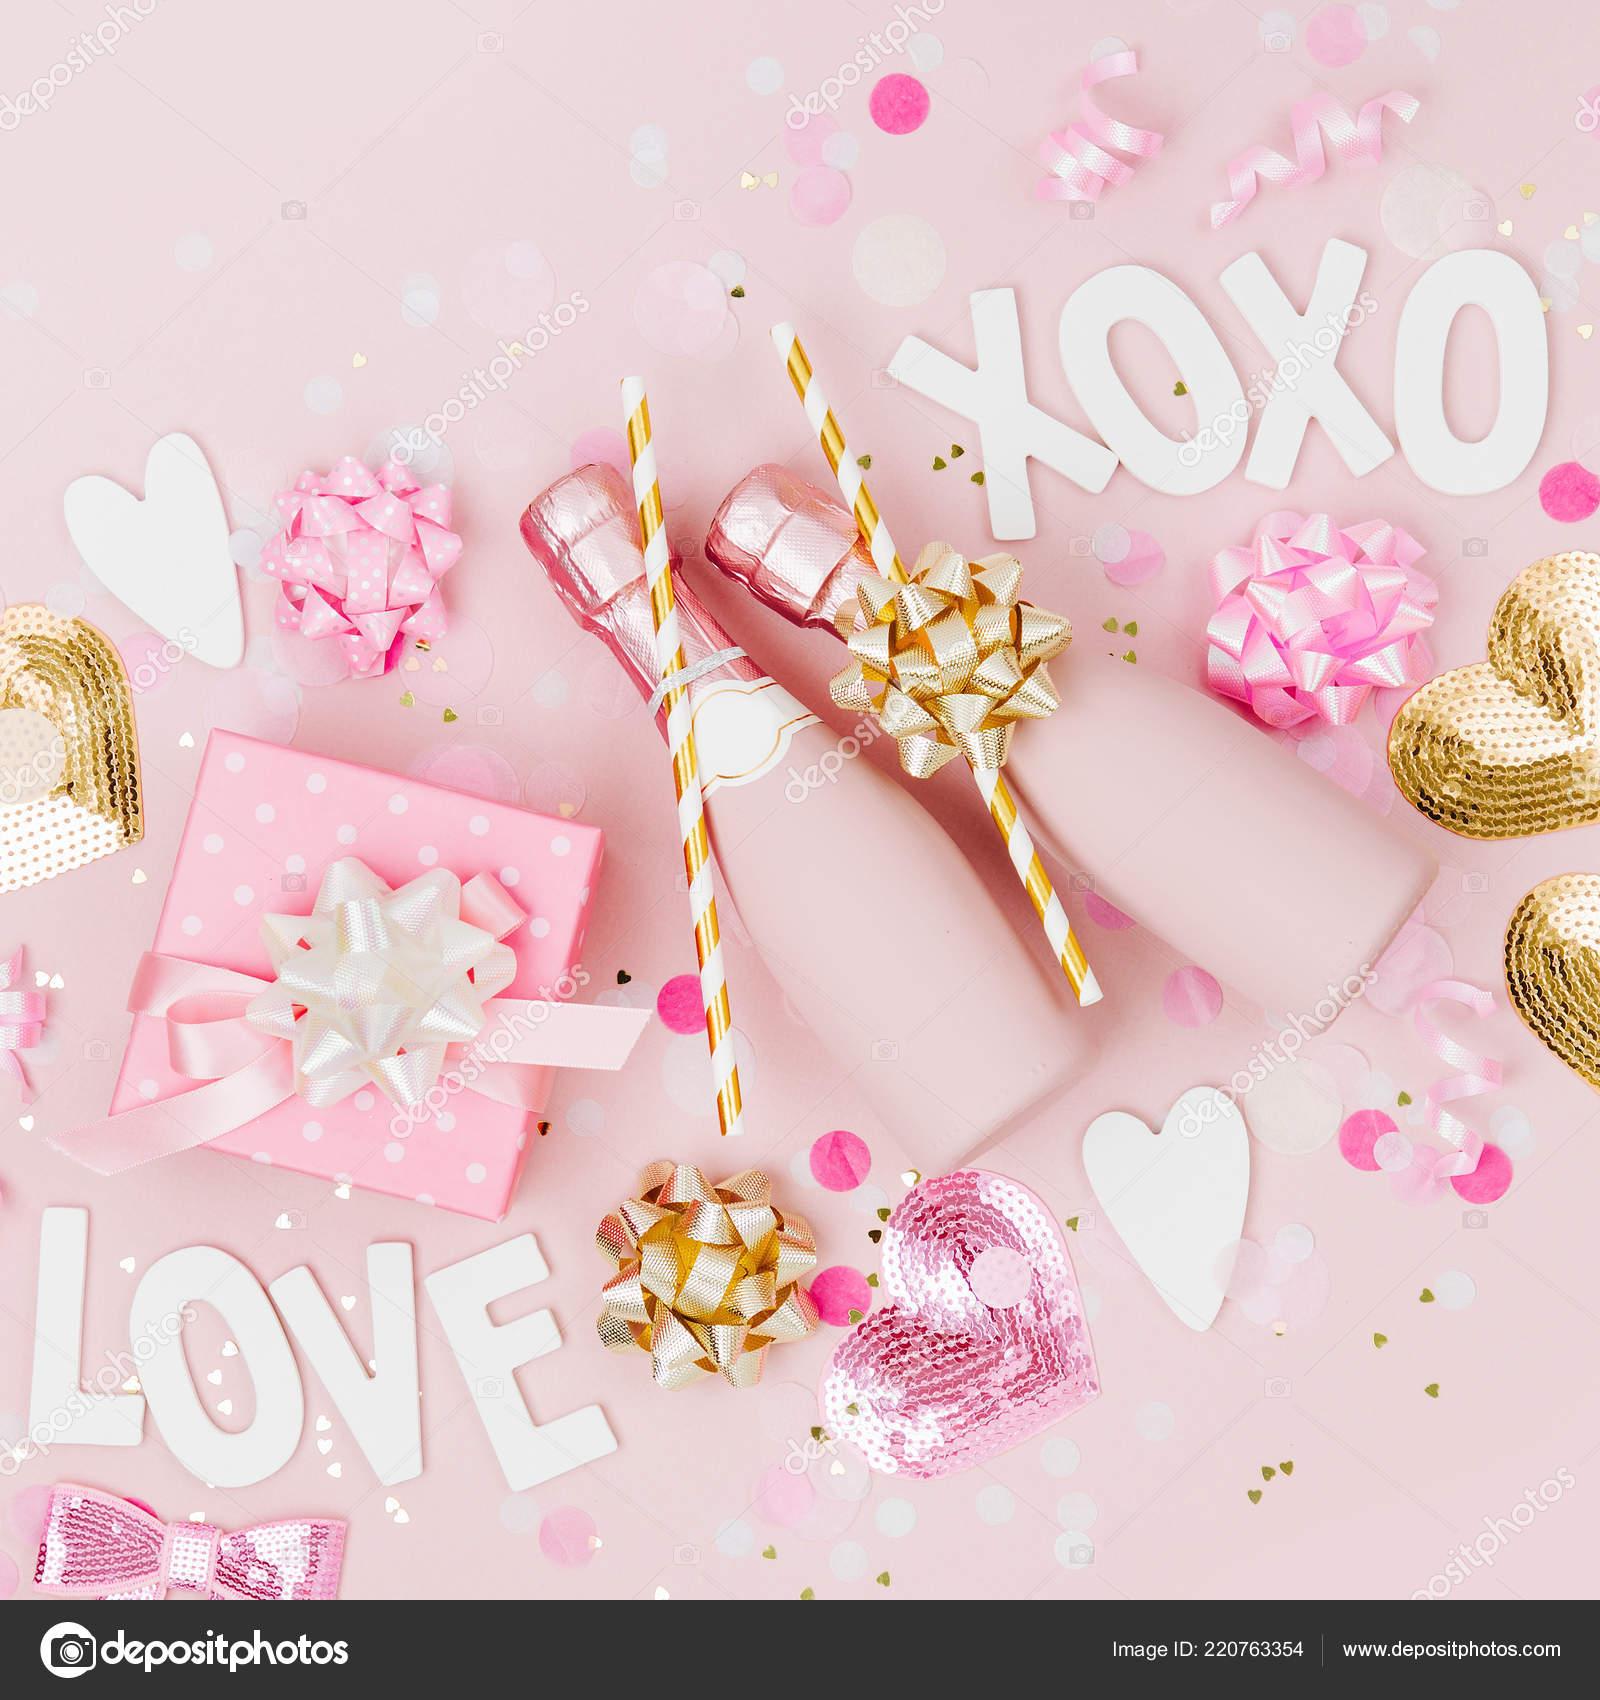 Mini Botellas Champagne Con Decoraciones Xoxo Amor Letras Foto De